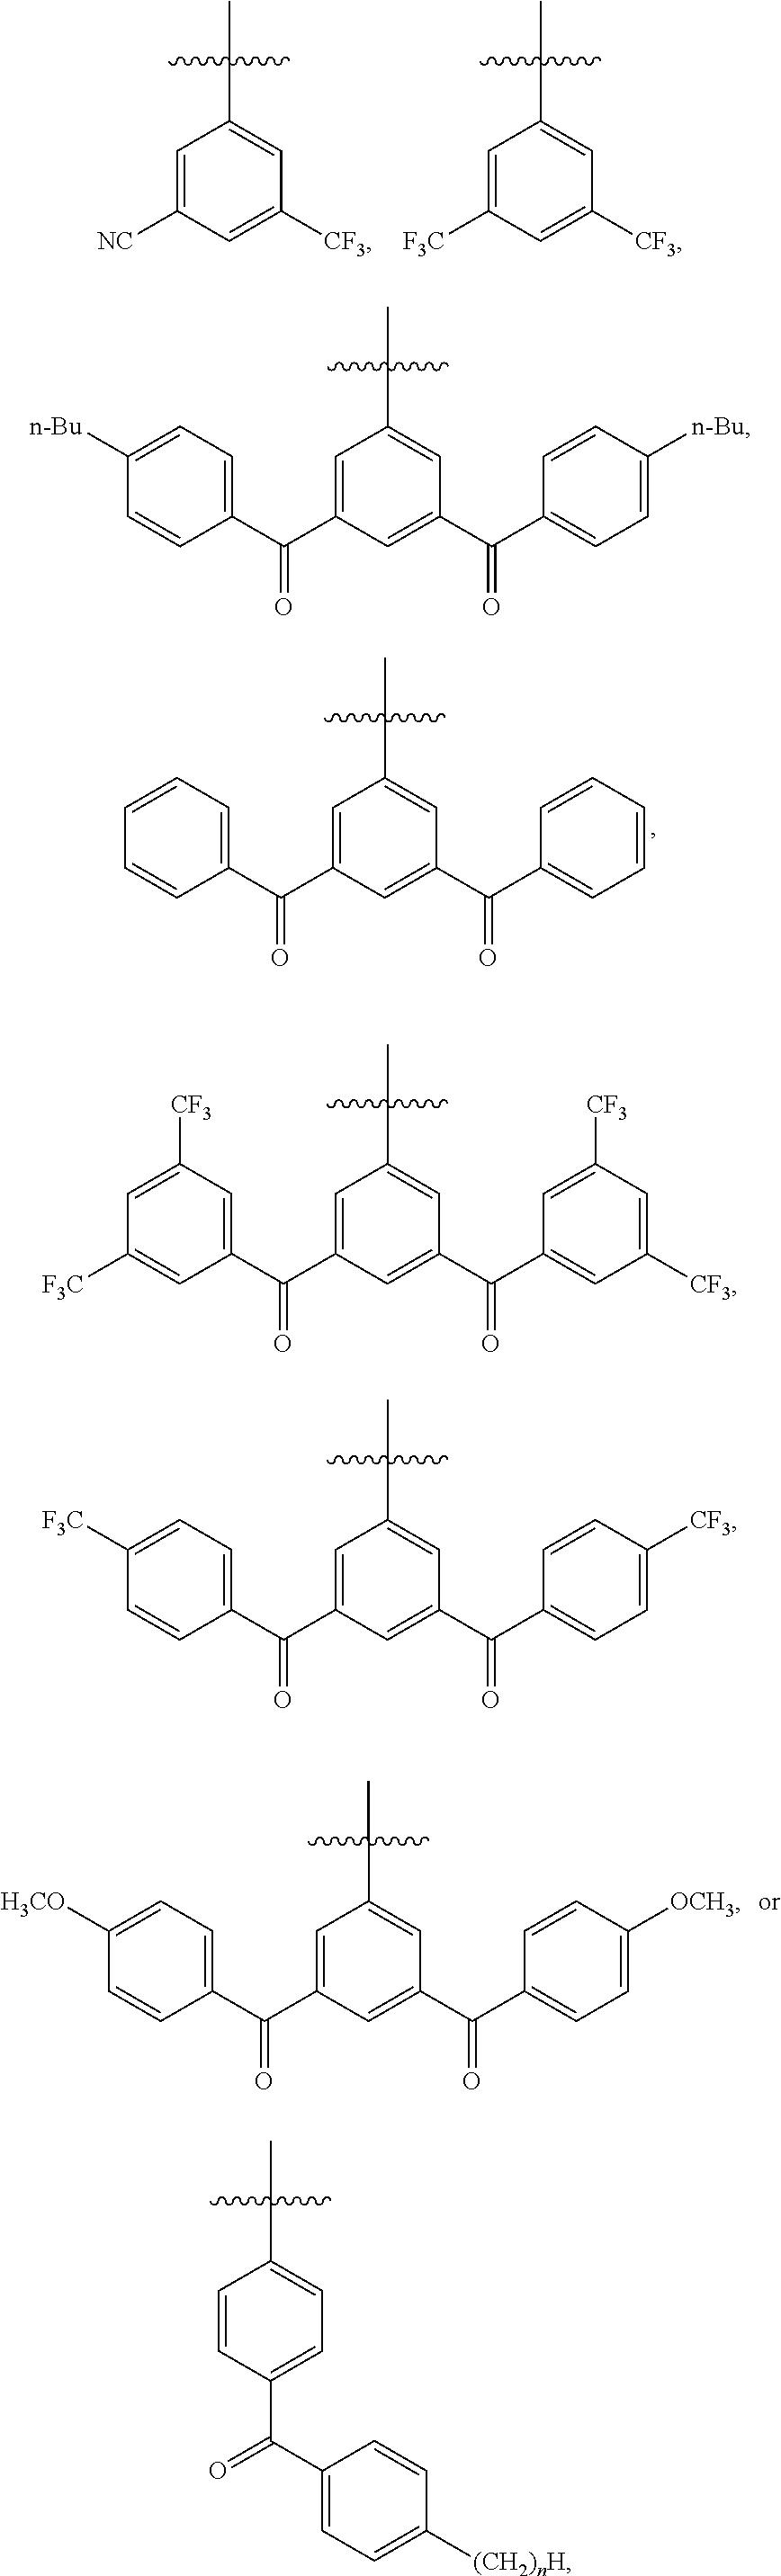 Figure US09595682-20170314-C00019